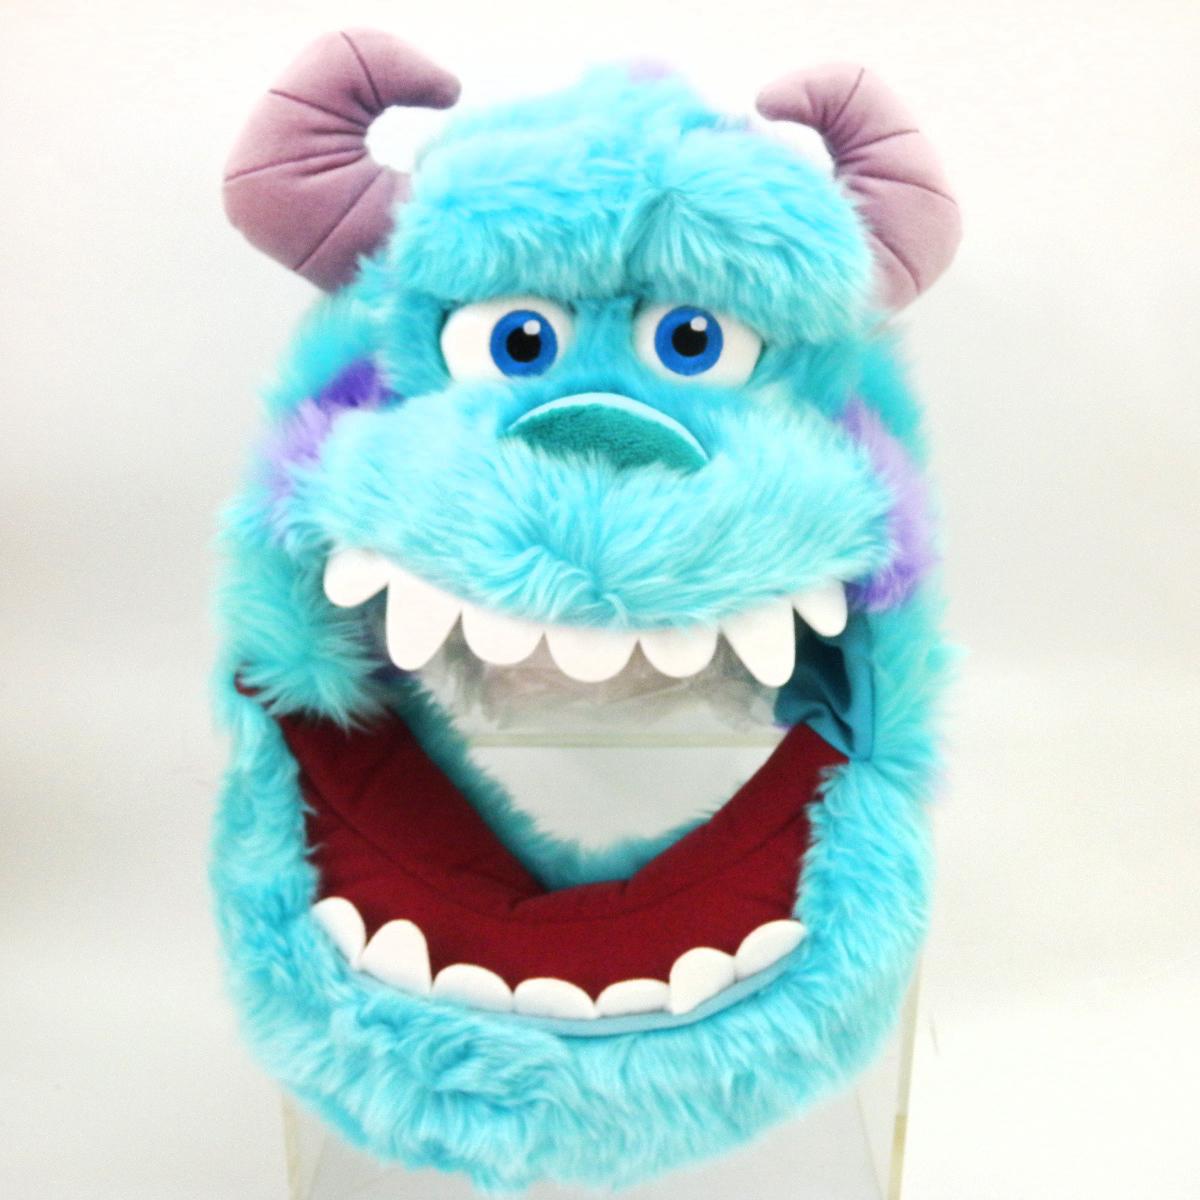 【唯愛日本】14101400017 娃娃造型帽-大頭長毛毛怪 迪士尼 怪獸電力公司 怪獸大學 扮裝 萬聖節